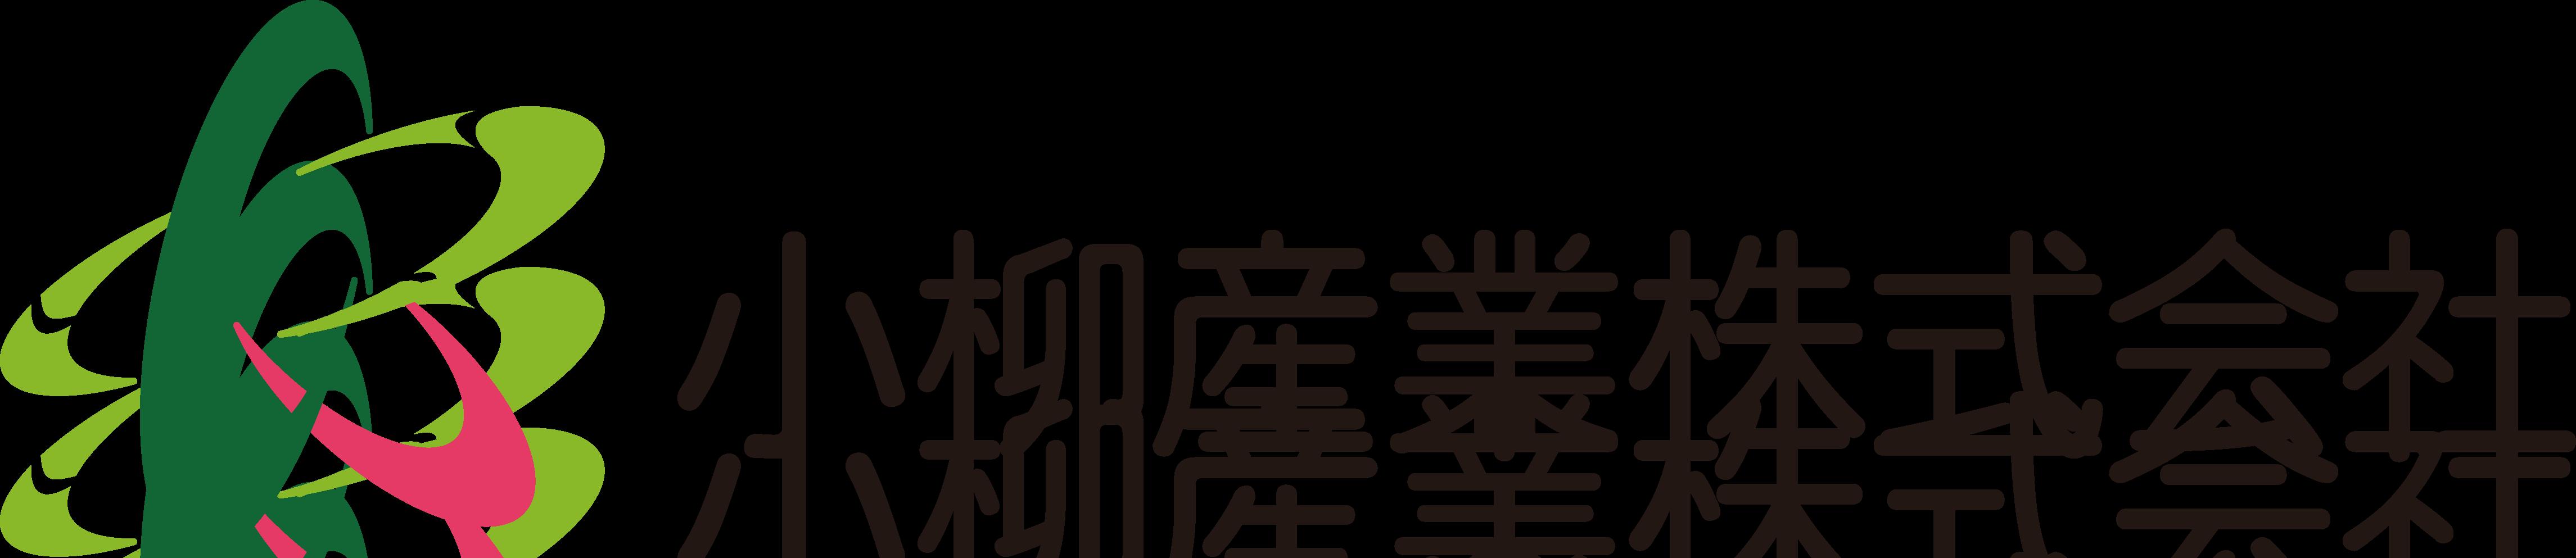 小柳産業株式会社